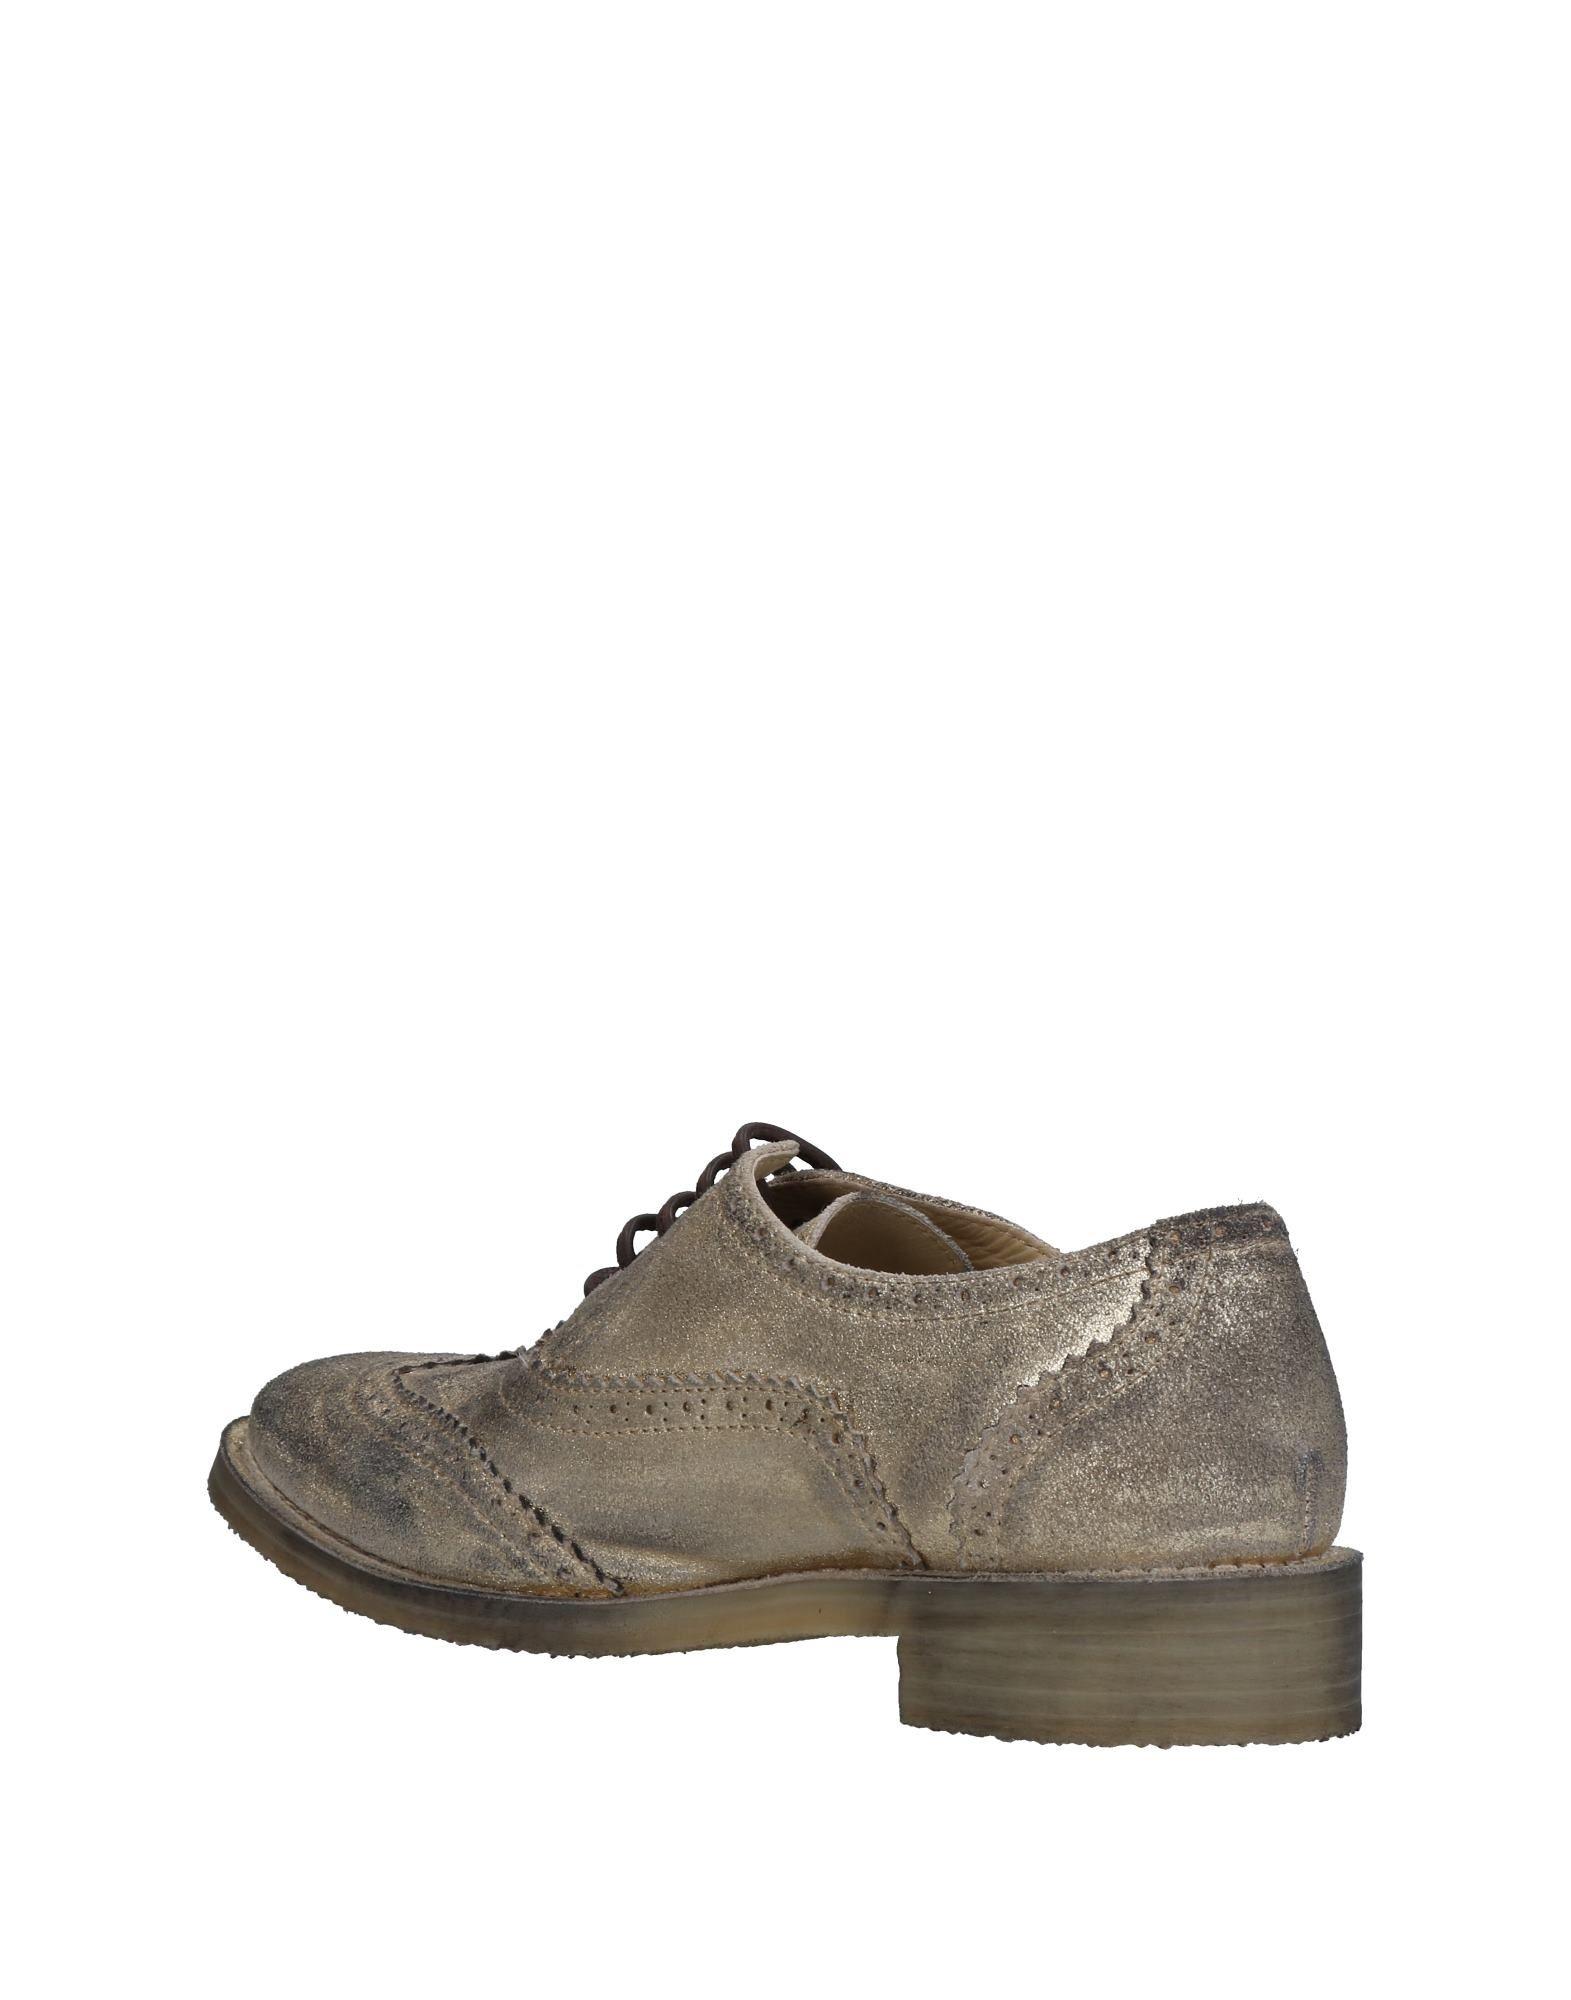 Chaussures À Lacets Mr. Wolf Femme - Chaussures À Lacets Mr. Wolf sur